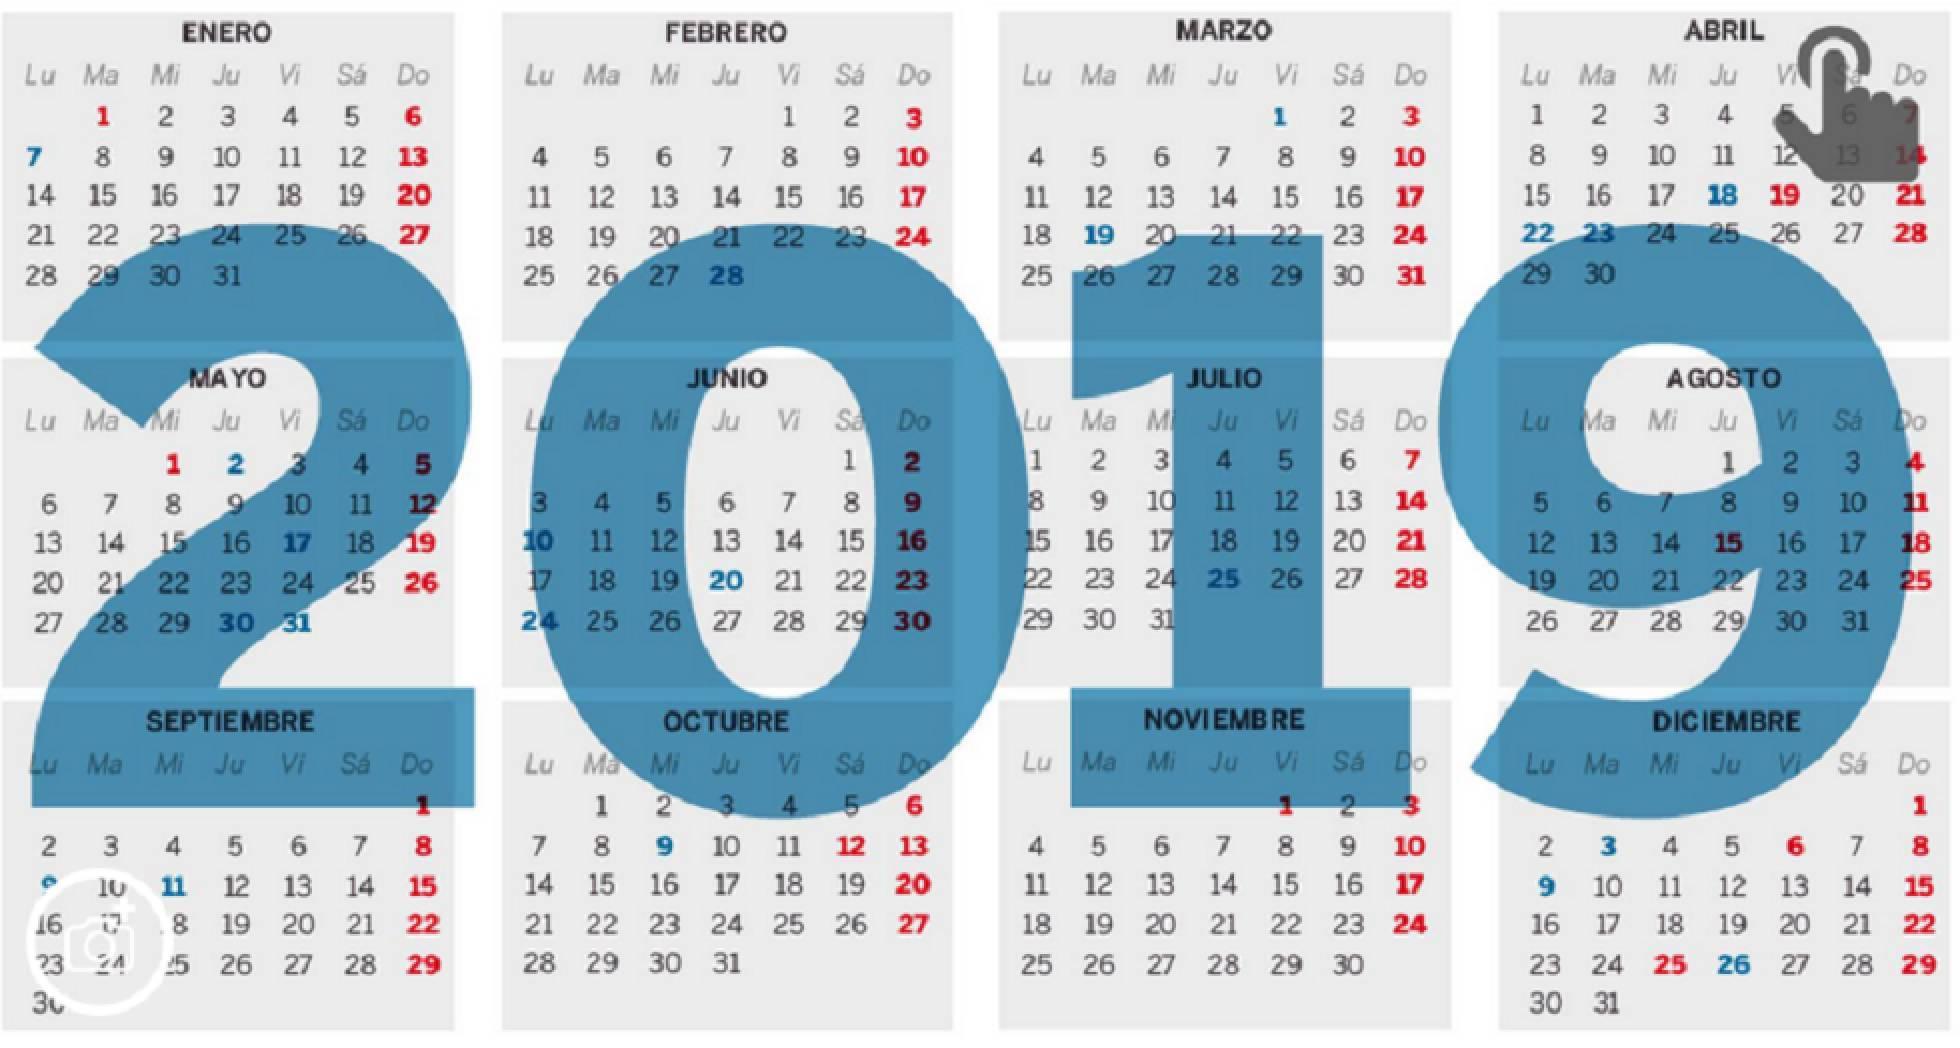 Calendario Laboral Gipuzkoa 2019.Spj Uso Publicado En Boe El Calendario Laboral De 2019 Spj Uso